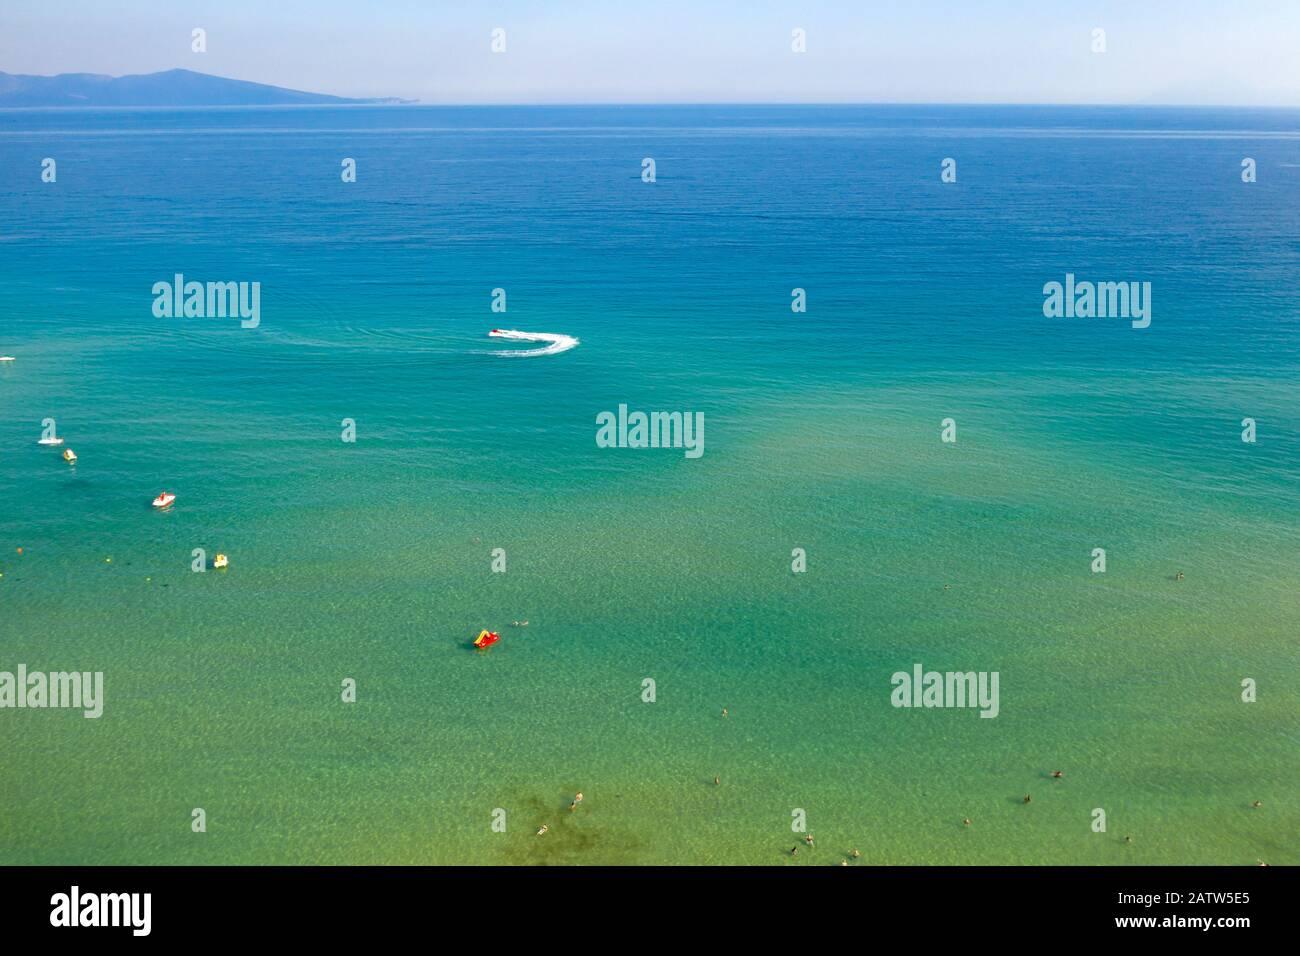 Les oiseaux drones aériens ont vue sur les bateaux à voile qui naviguent dans la mer Egée bleue profonde, en Grèce. Banque D'Images